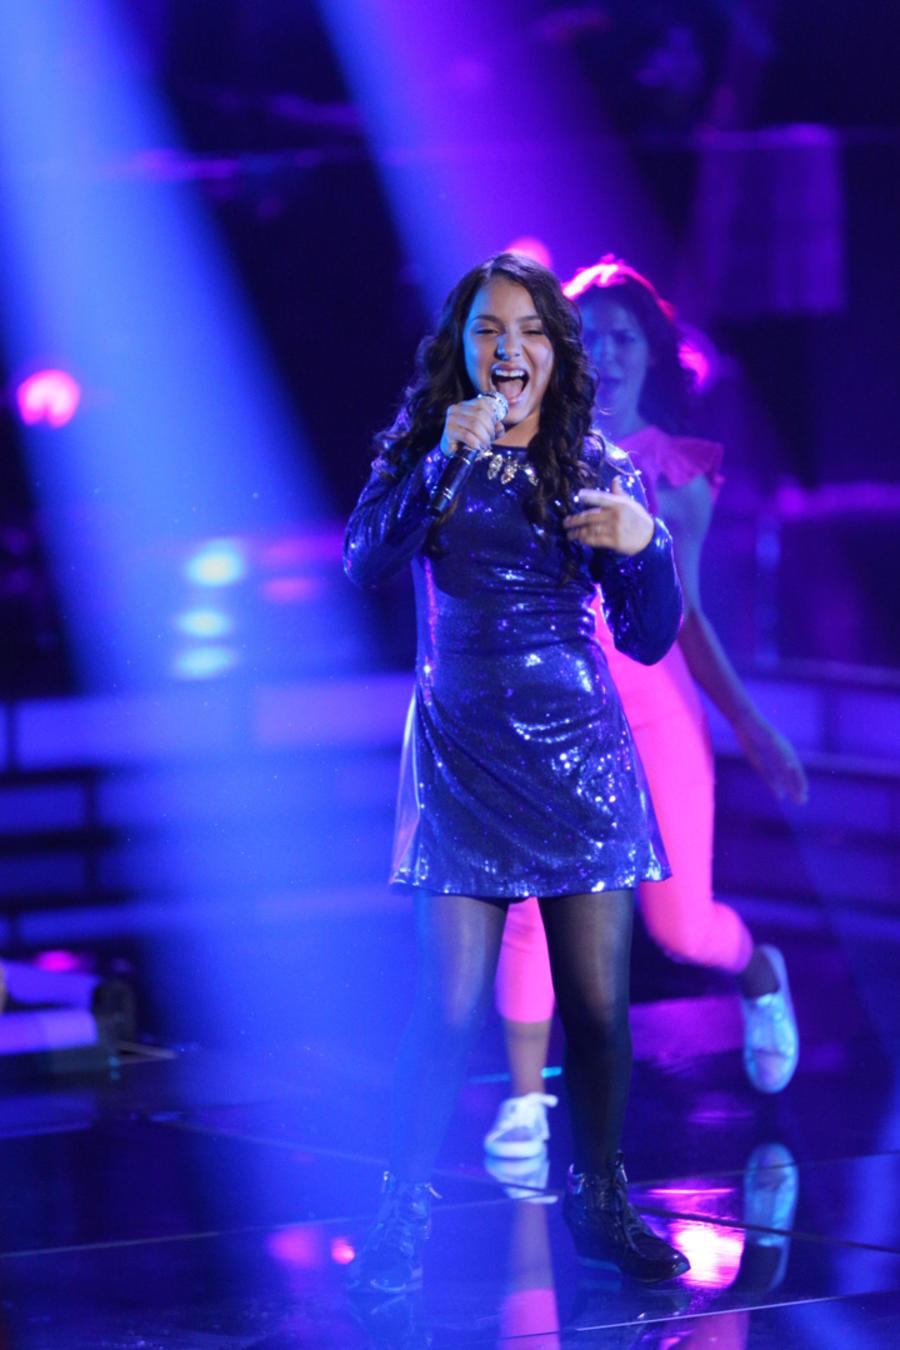 Ruth en la primera noche de la etapa final de La Voz Kids